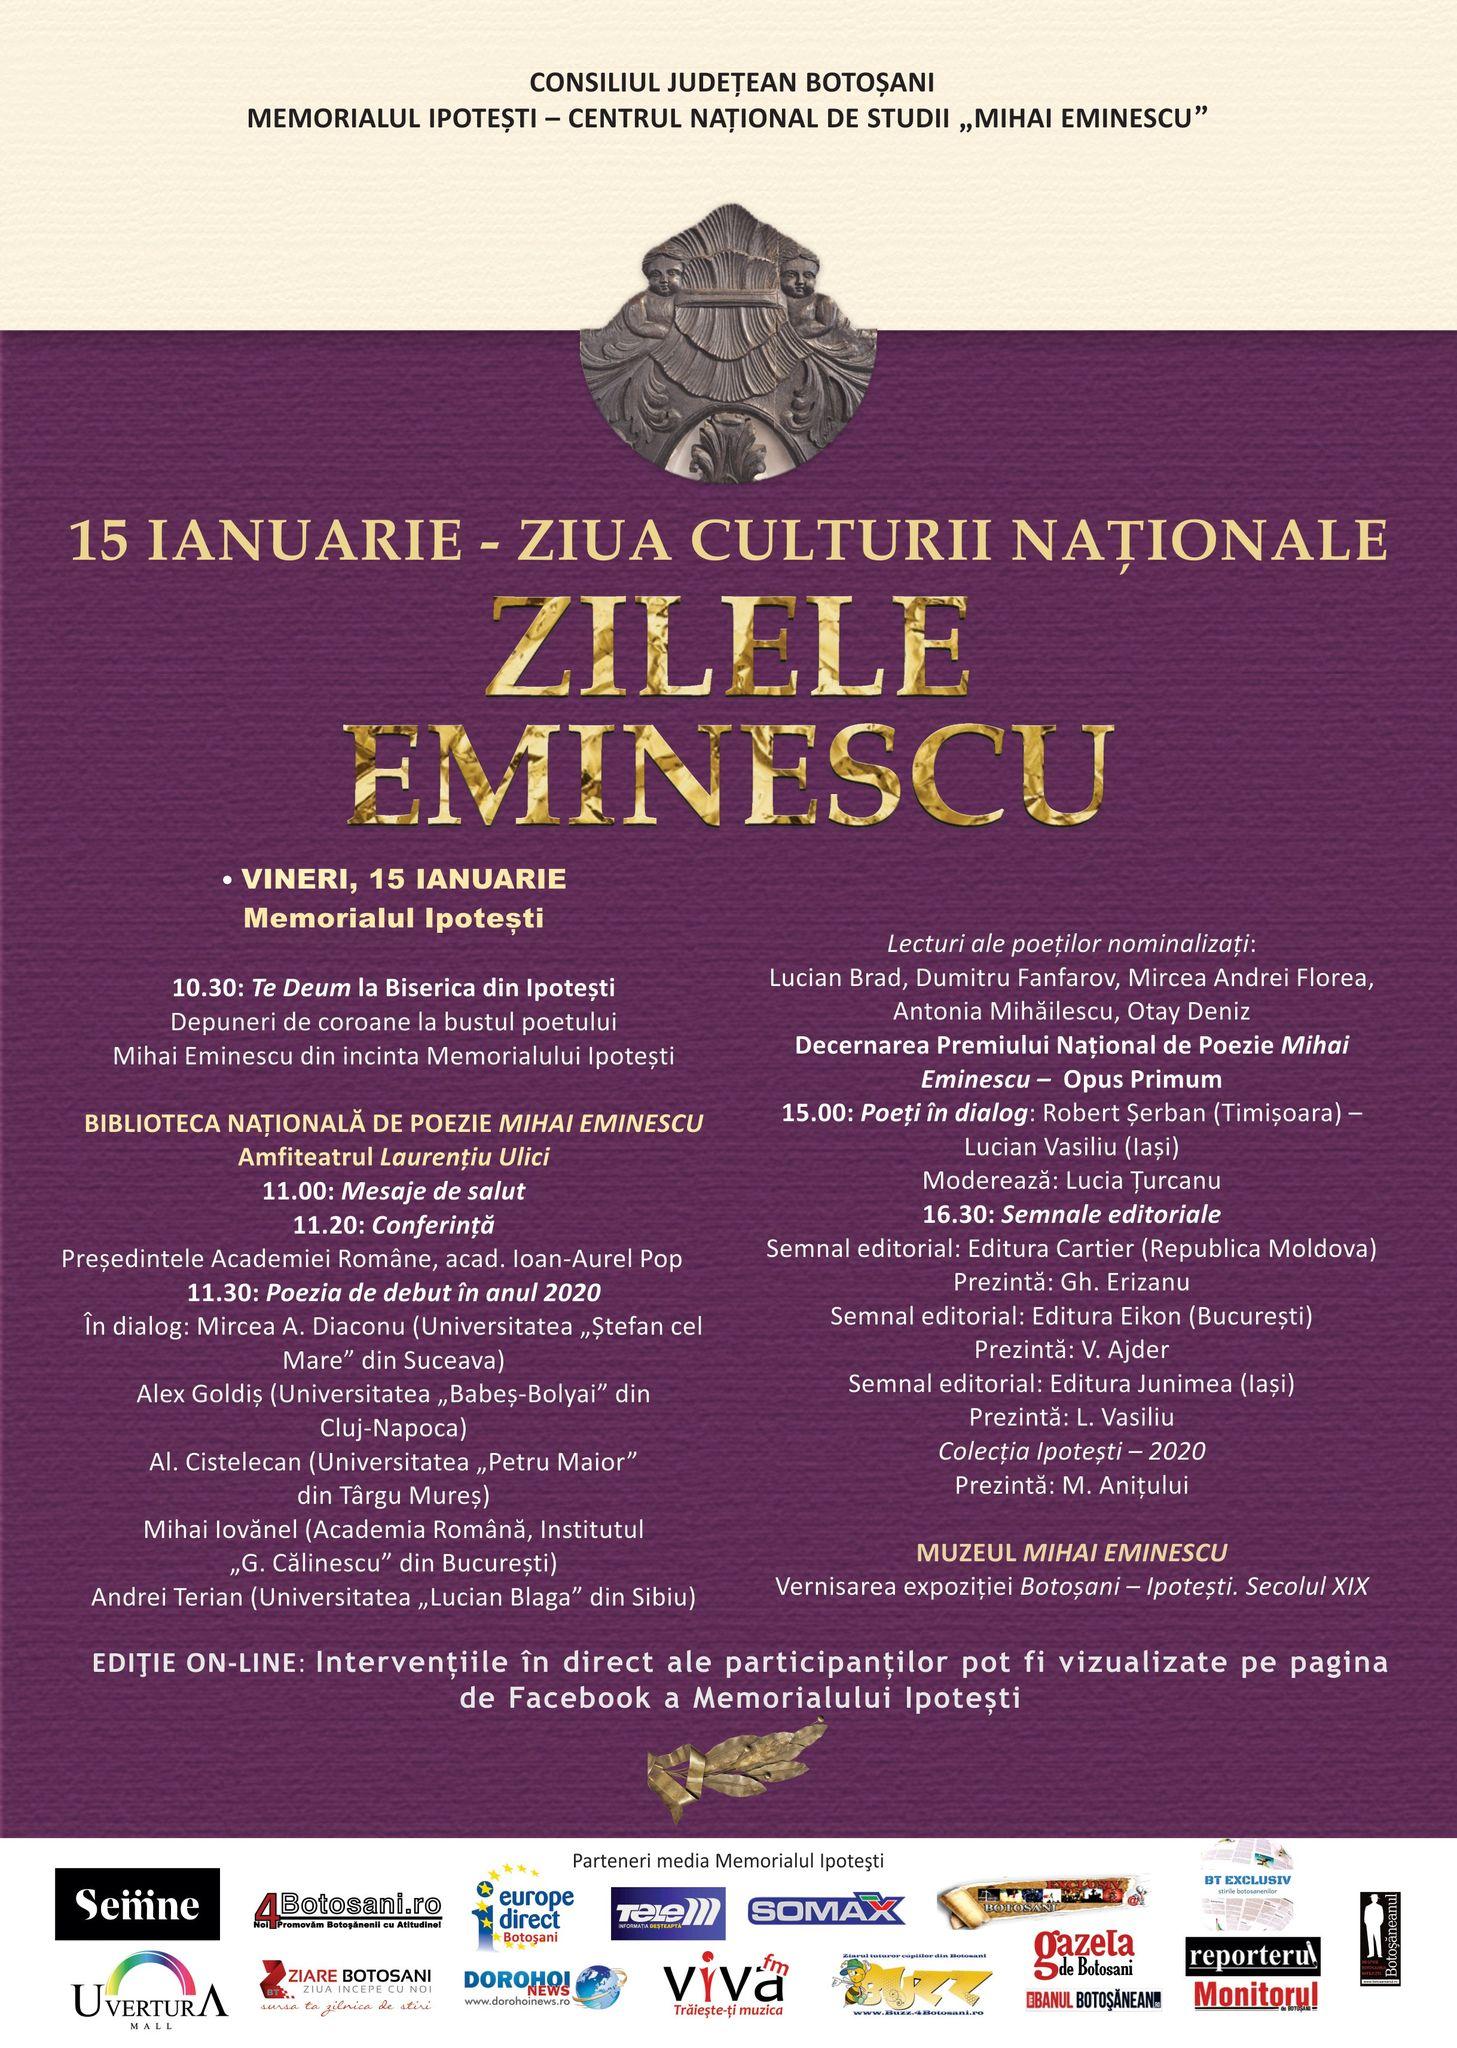 """Memorialul Ipotești – Centrul Național de Studii """"Mihai Eminescu"""" organizează ediția din ianuarie a Zilelor Eminescu"""